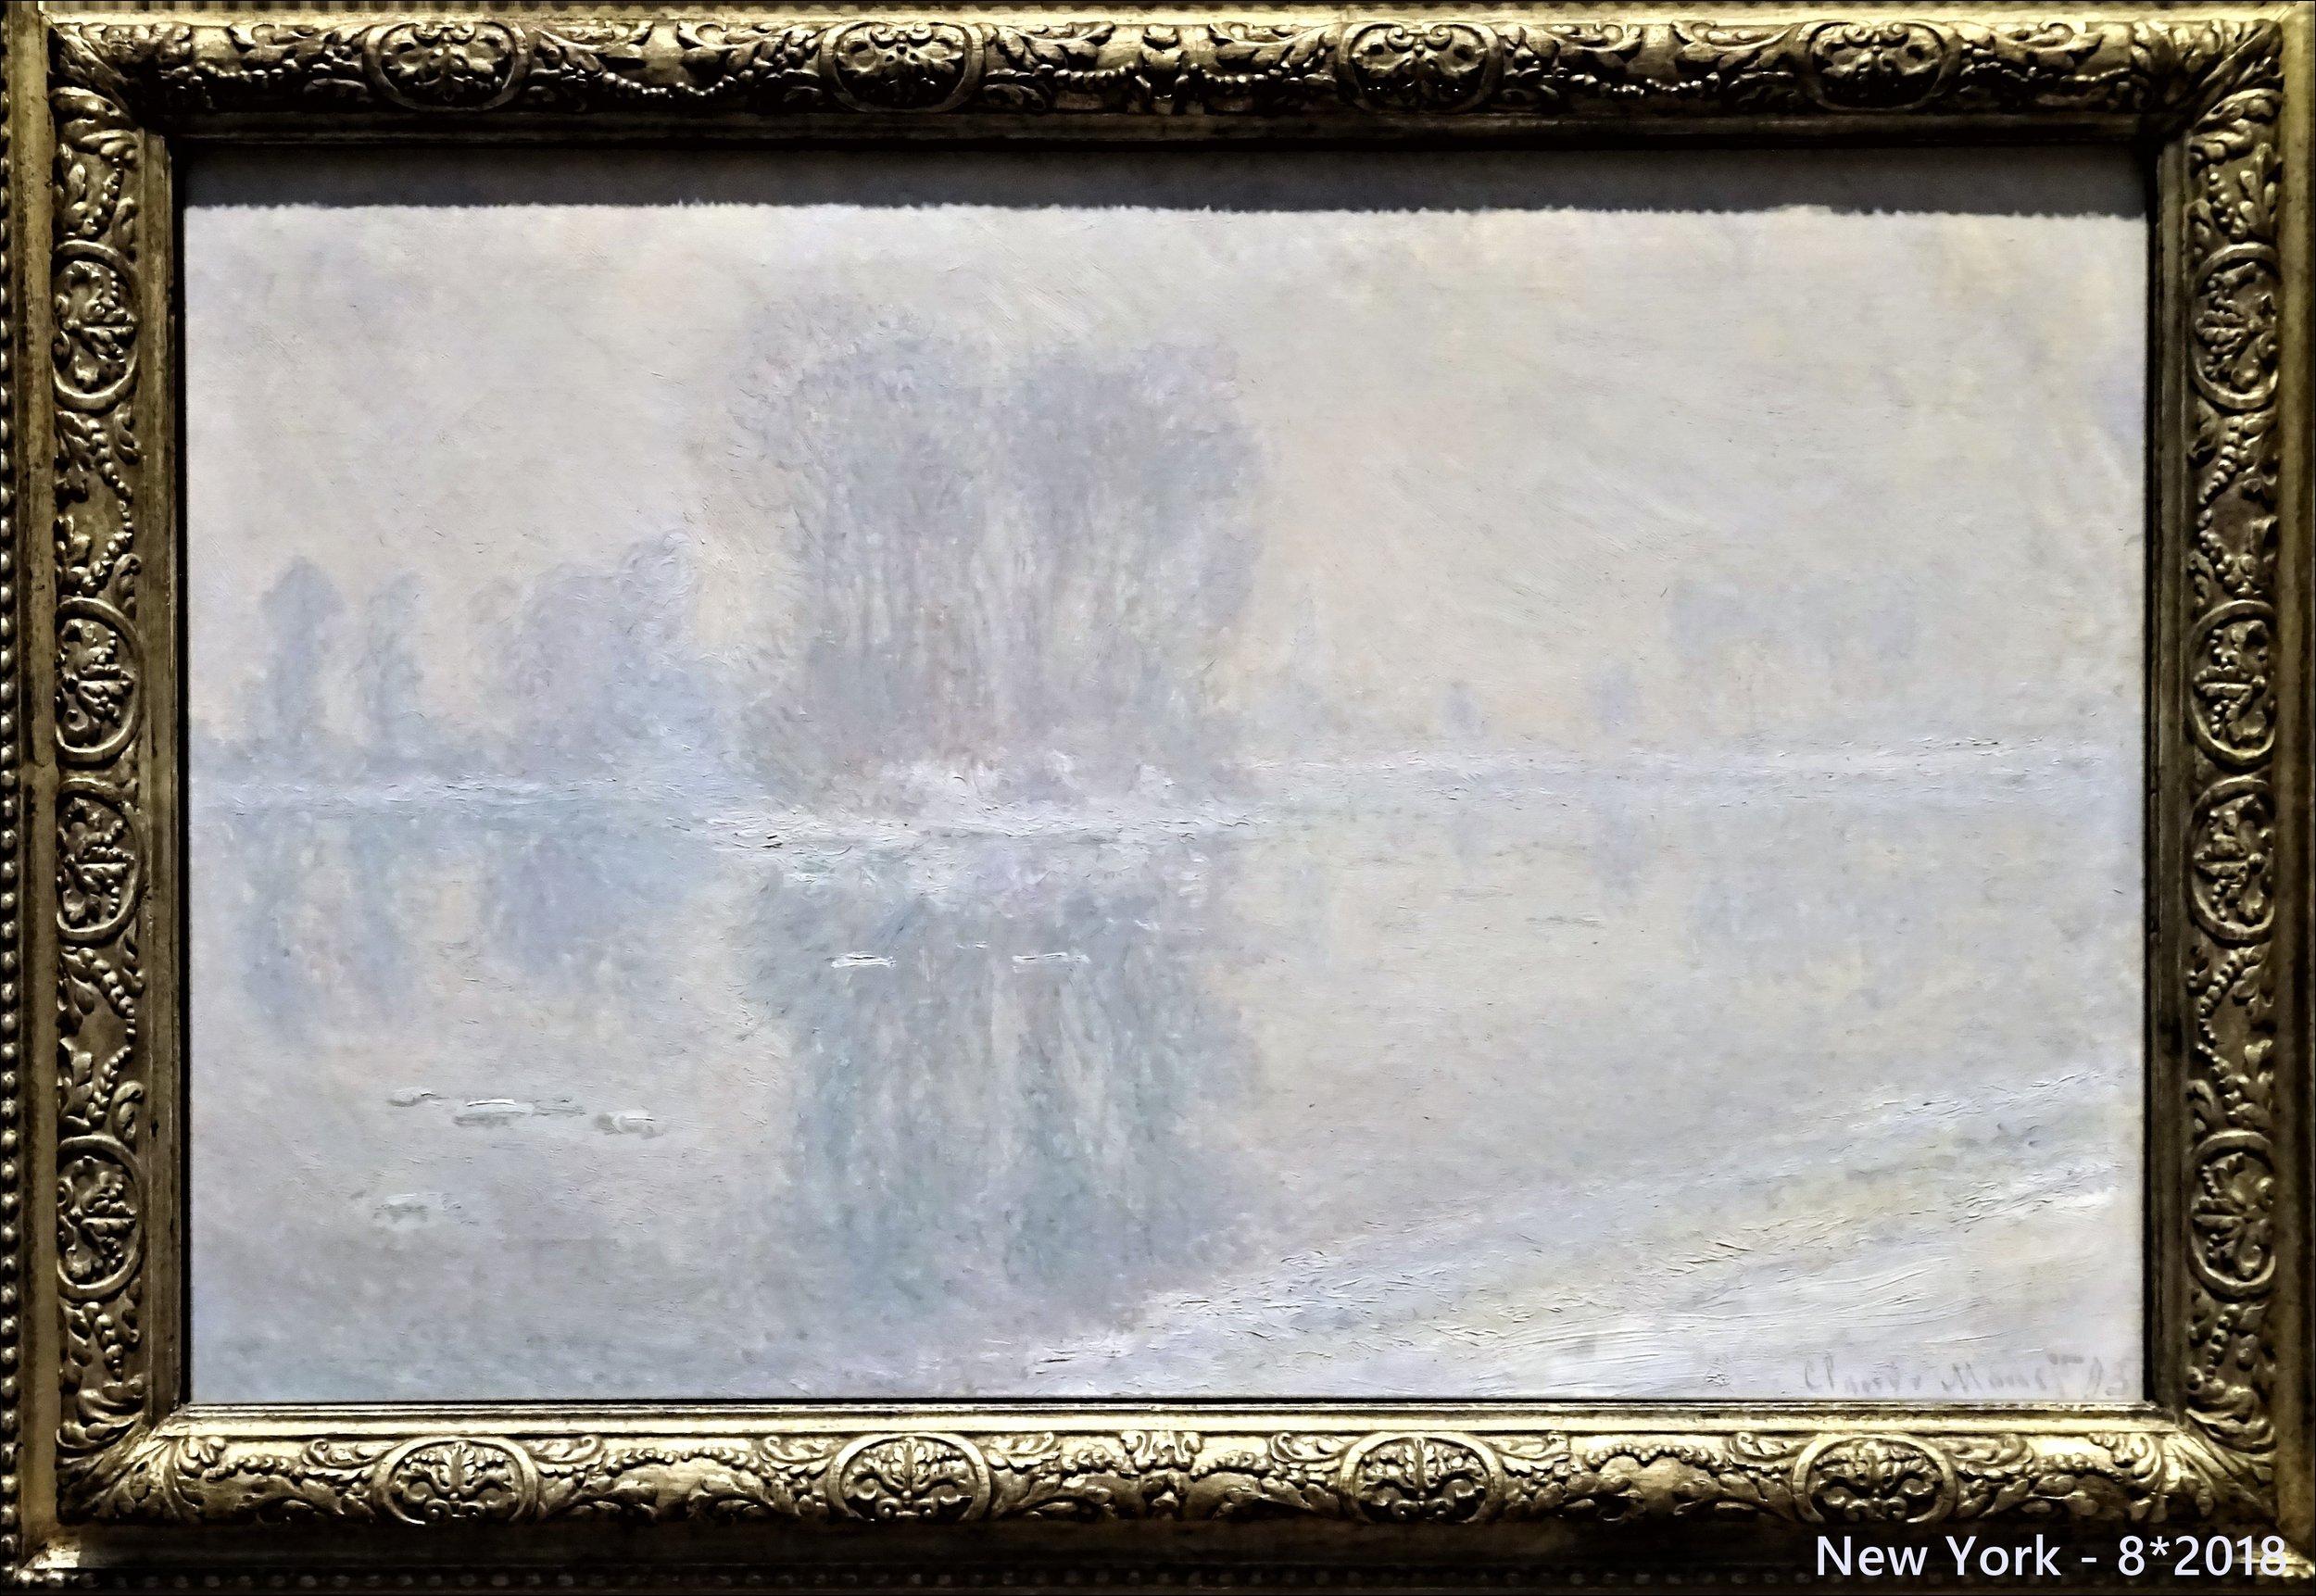 """А вот какое неяркое полотно Моне с ландшафтом близ  Живерни  я увидела в Метрополитен музее - ещё одна почти """"бесцветная"""" находка - масло на холсте, 66 x 100,3 см, картина 1893 года."""